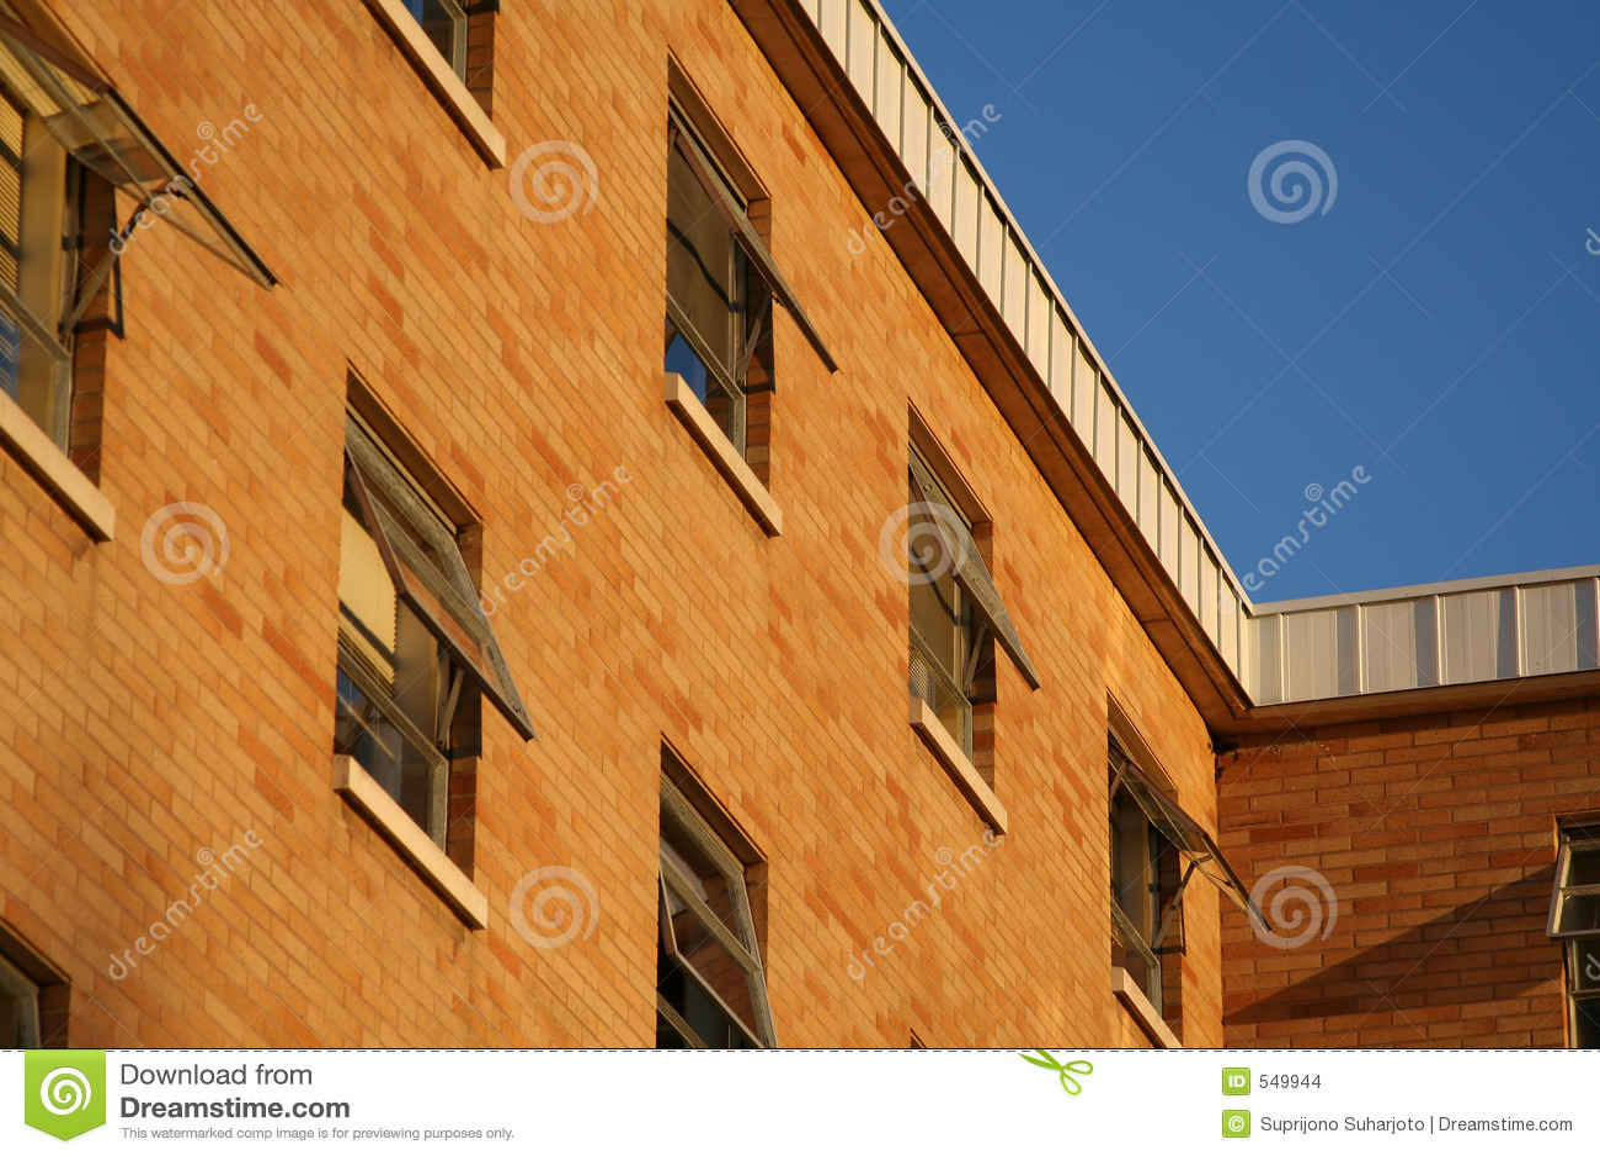 Edifício de tijolo